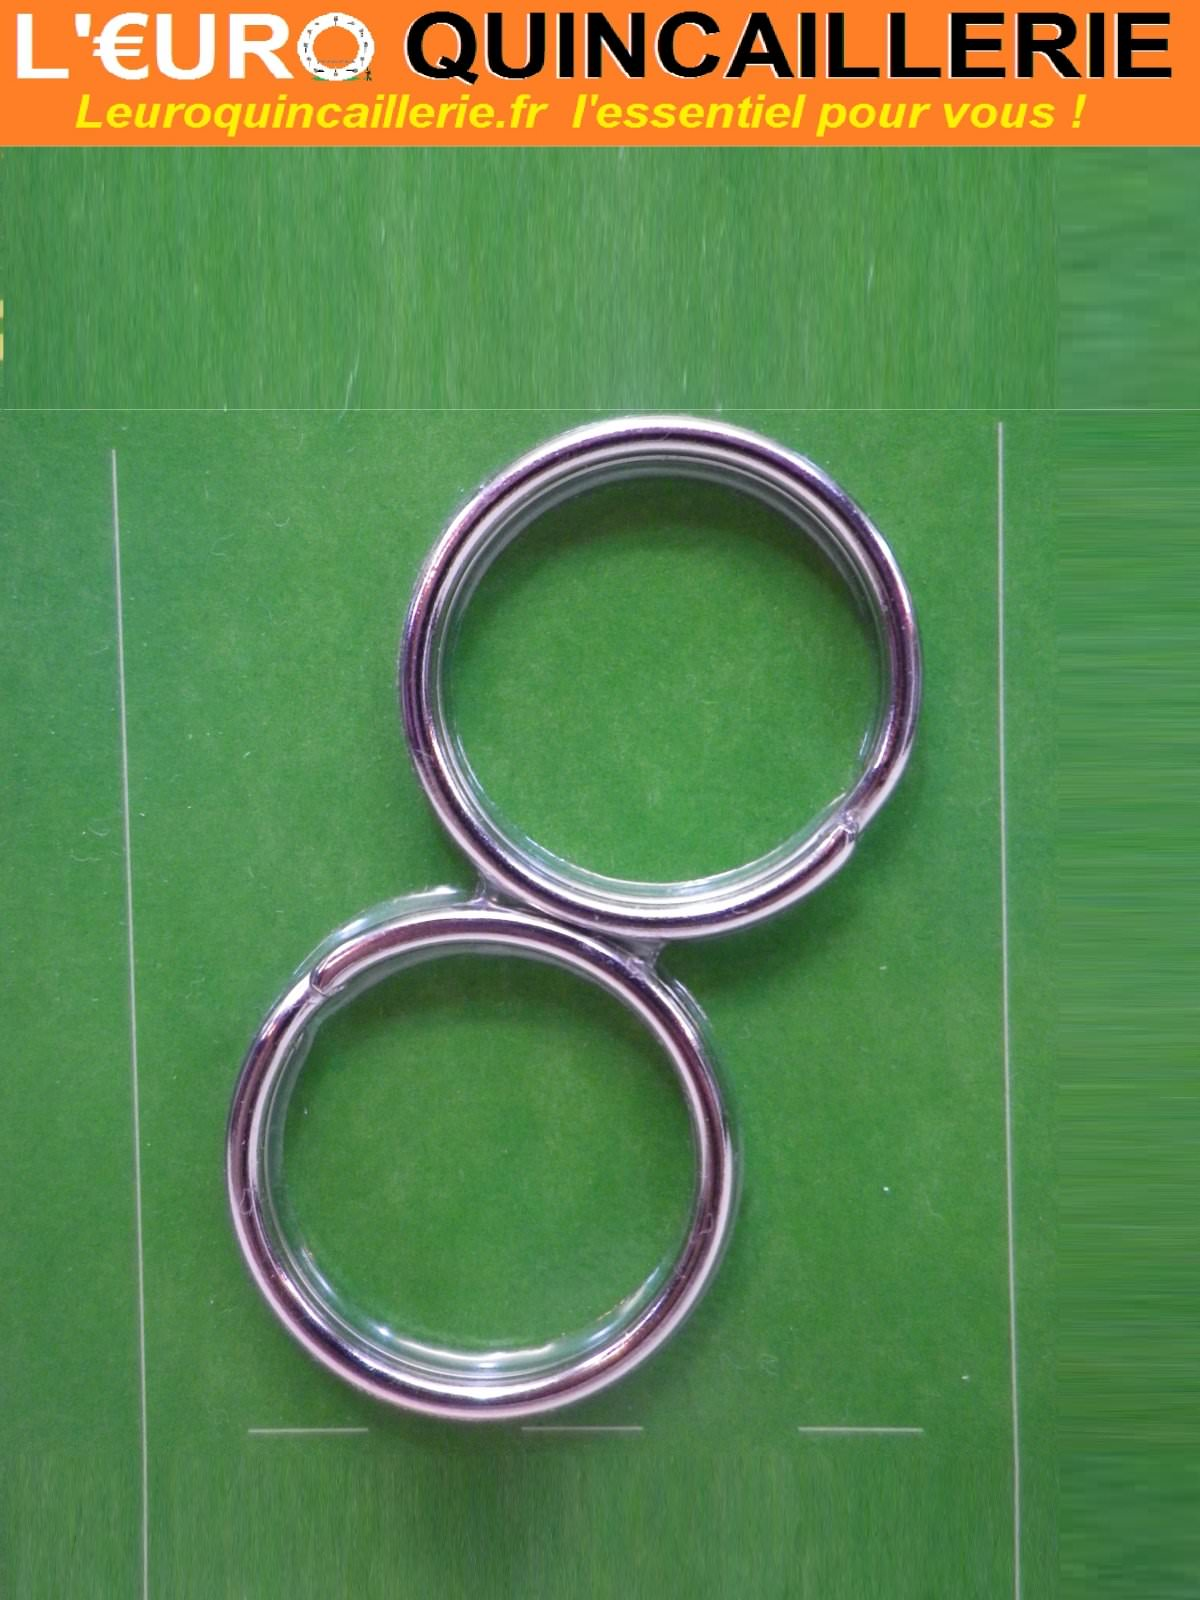 2 Anneaux de clés 27x30mm